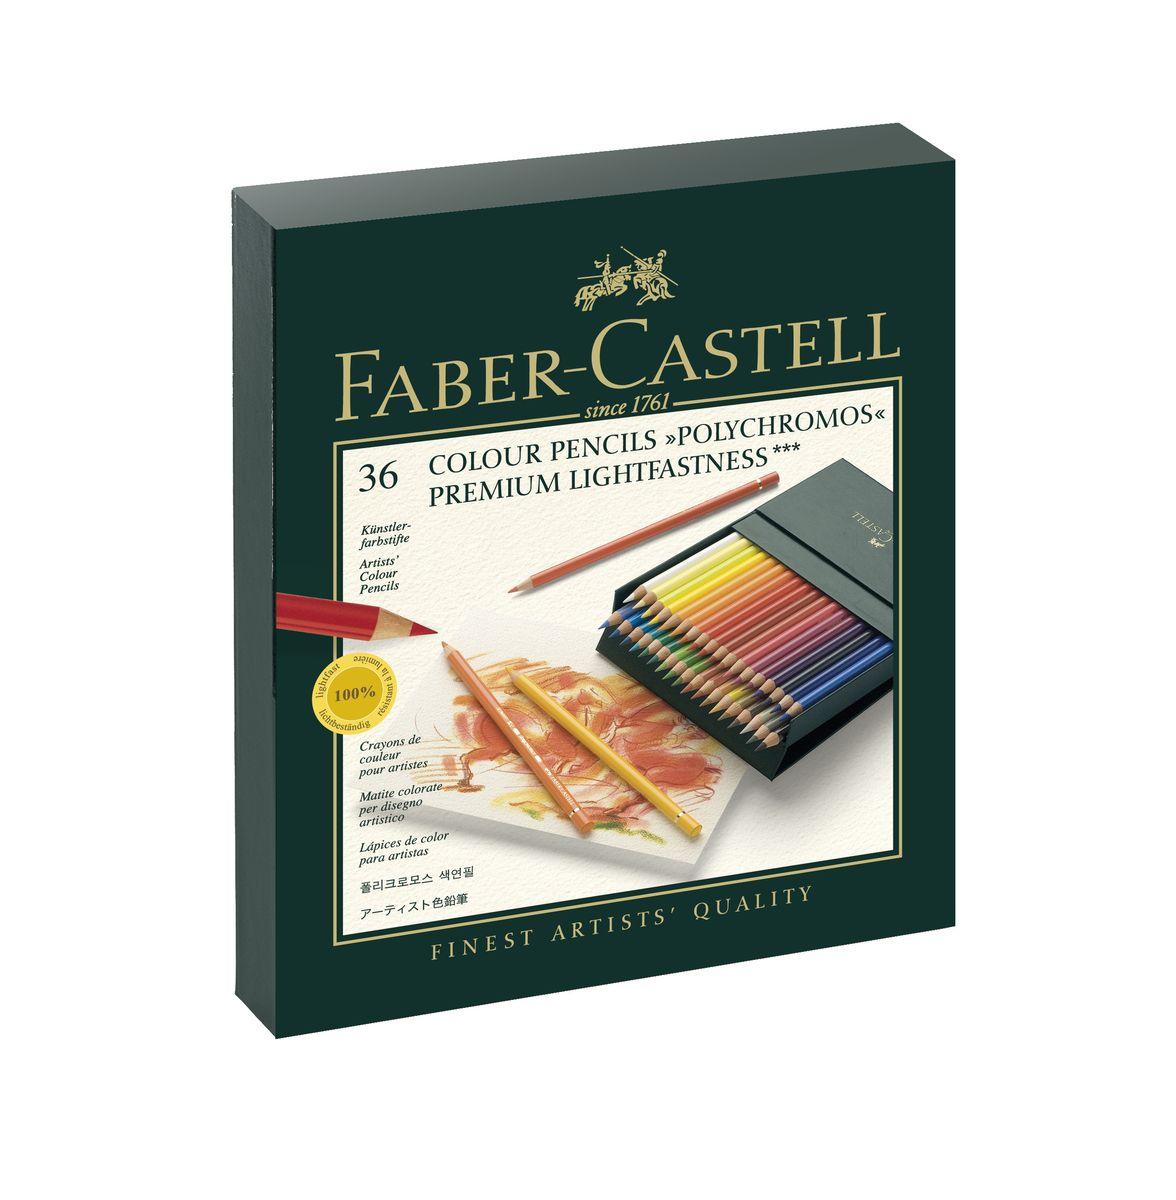 Faber-Castell Цветные карандаши Polychromos 36 цветов110038Цветные карандаши Faber-Castell Polychromos станут незаменимым инструментом для начинающих и профессиональных художников. В набор входят 36 карандашей разных цветов.Особенности карандашей: высокое содержание очень качественныхпигментов гарантирует устойчивость квоздействию света и интенсивность; грифель толщиной 3,8 мм;гладкий грифель на основе воска водоустойчив,не размазывается.Набор цветных карандашей - это практичный художественный инструмент, который поможет вам в создании самых выразительных произведений. Карандаши упакованы в коробку из кожзама, благодаря чему их удобно хранить.